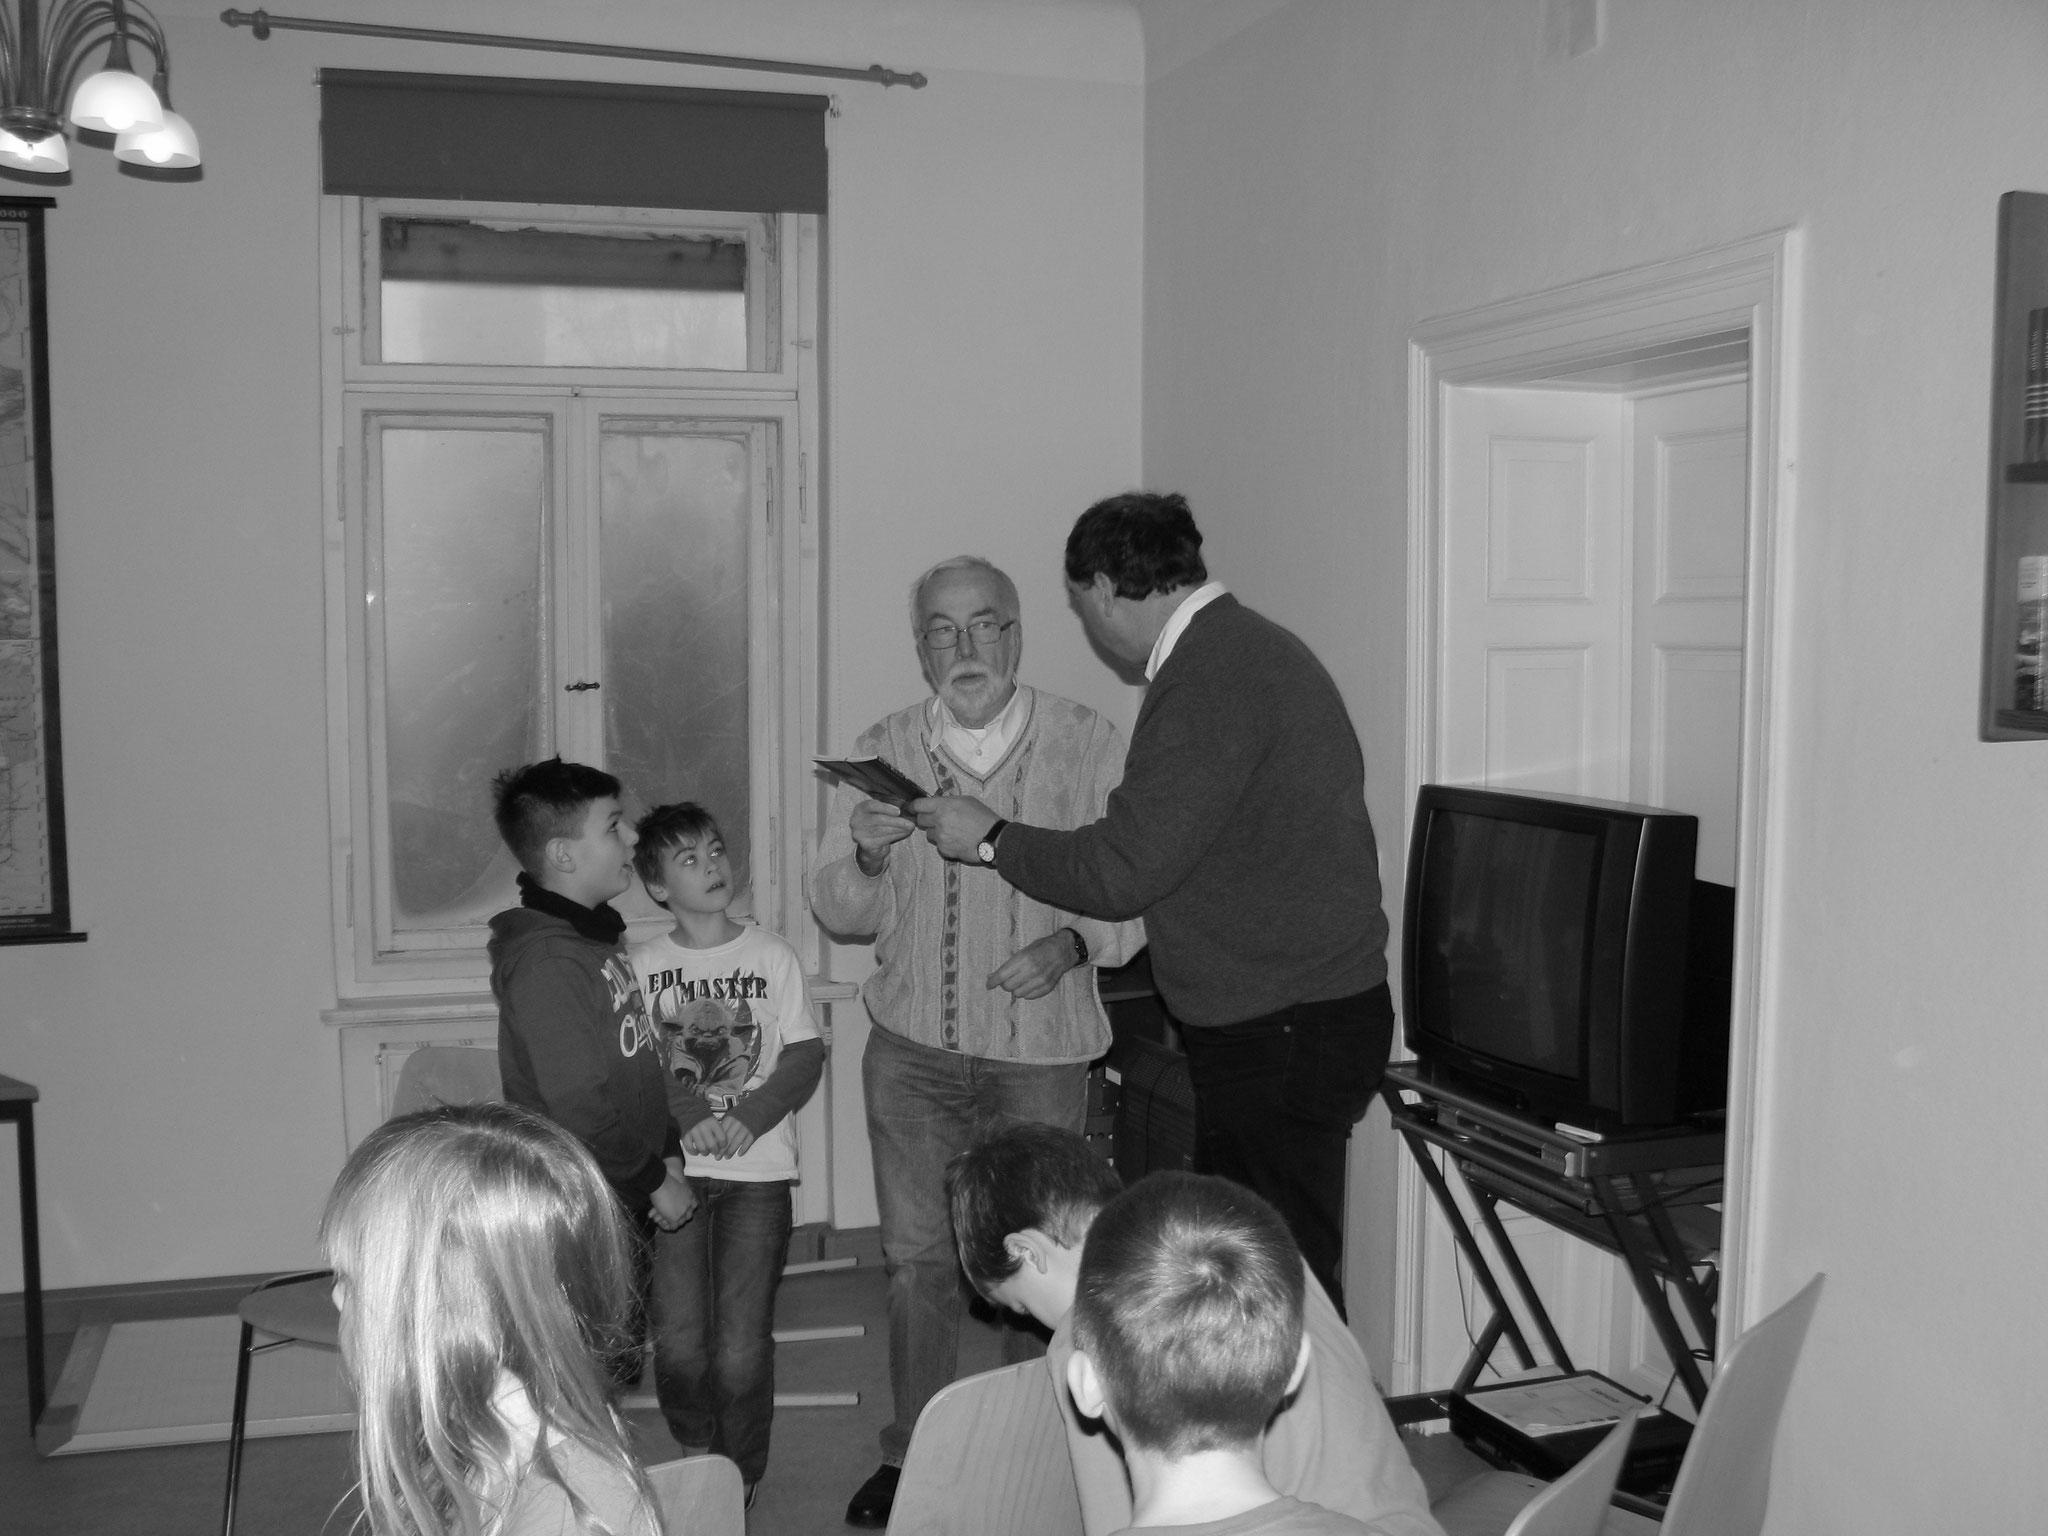 Herr Hermann übergiebt die Broschüre vom Lehrpfad